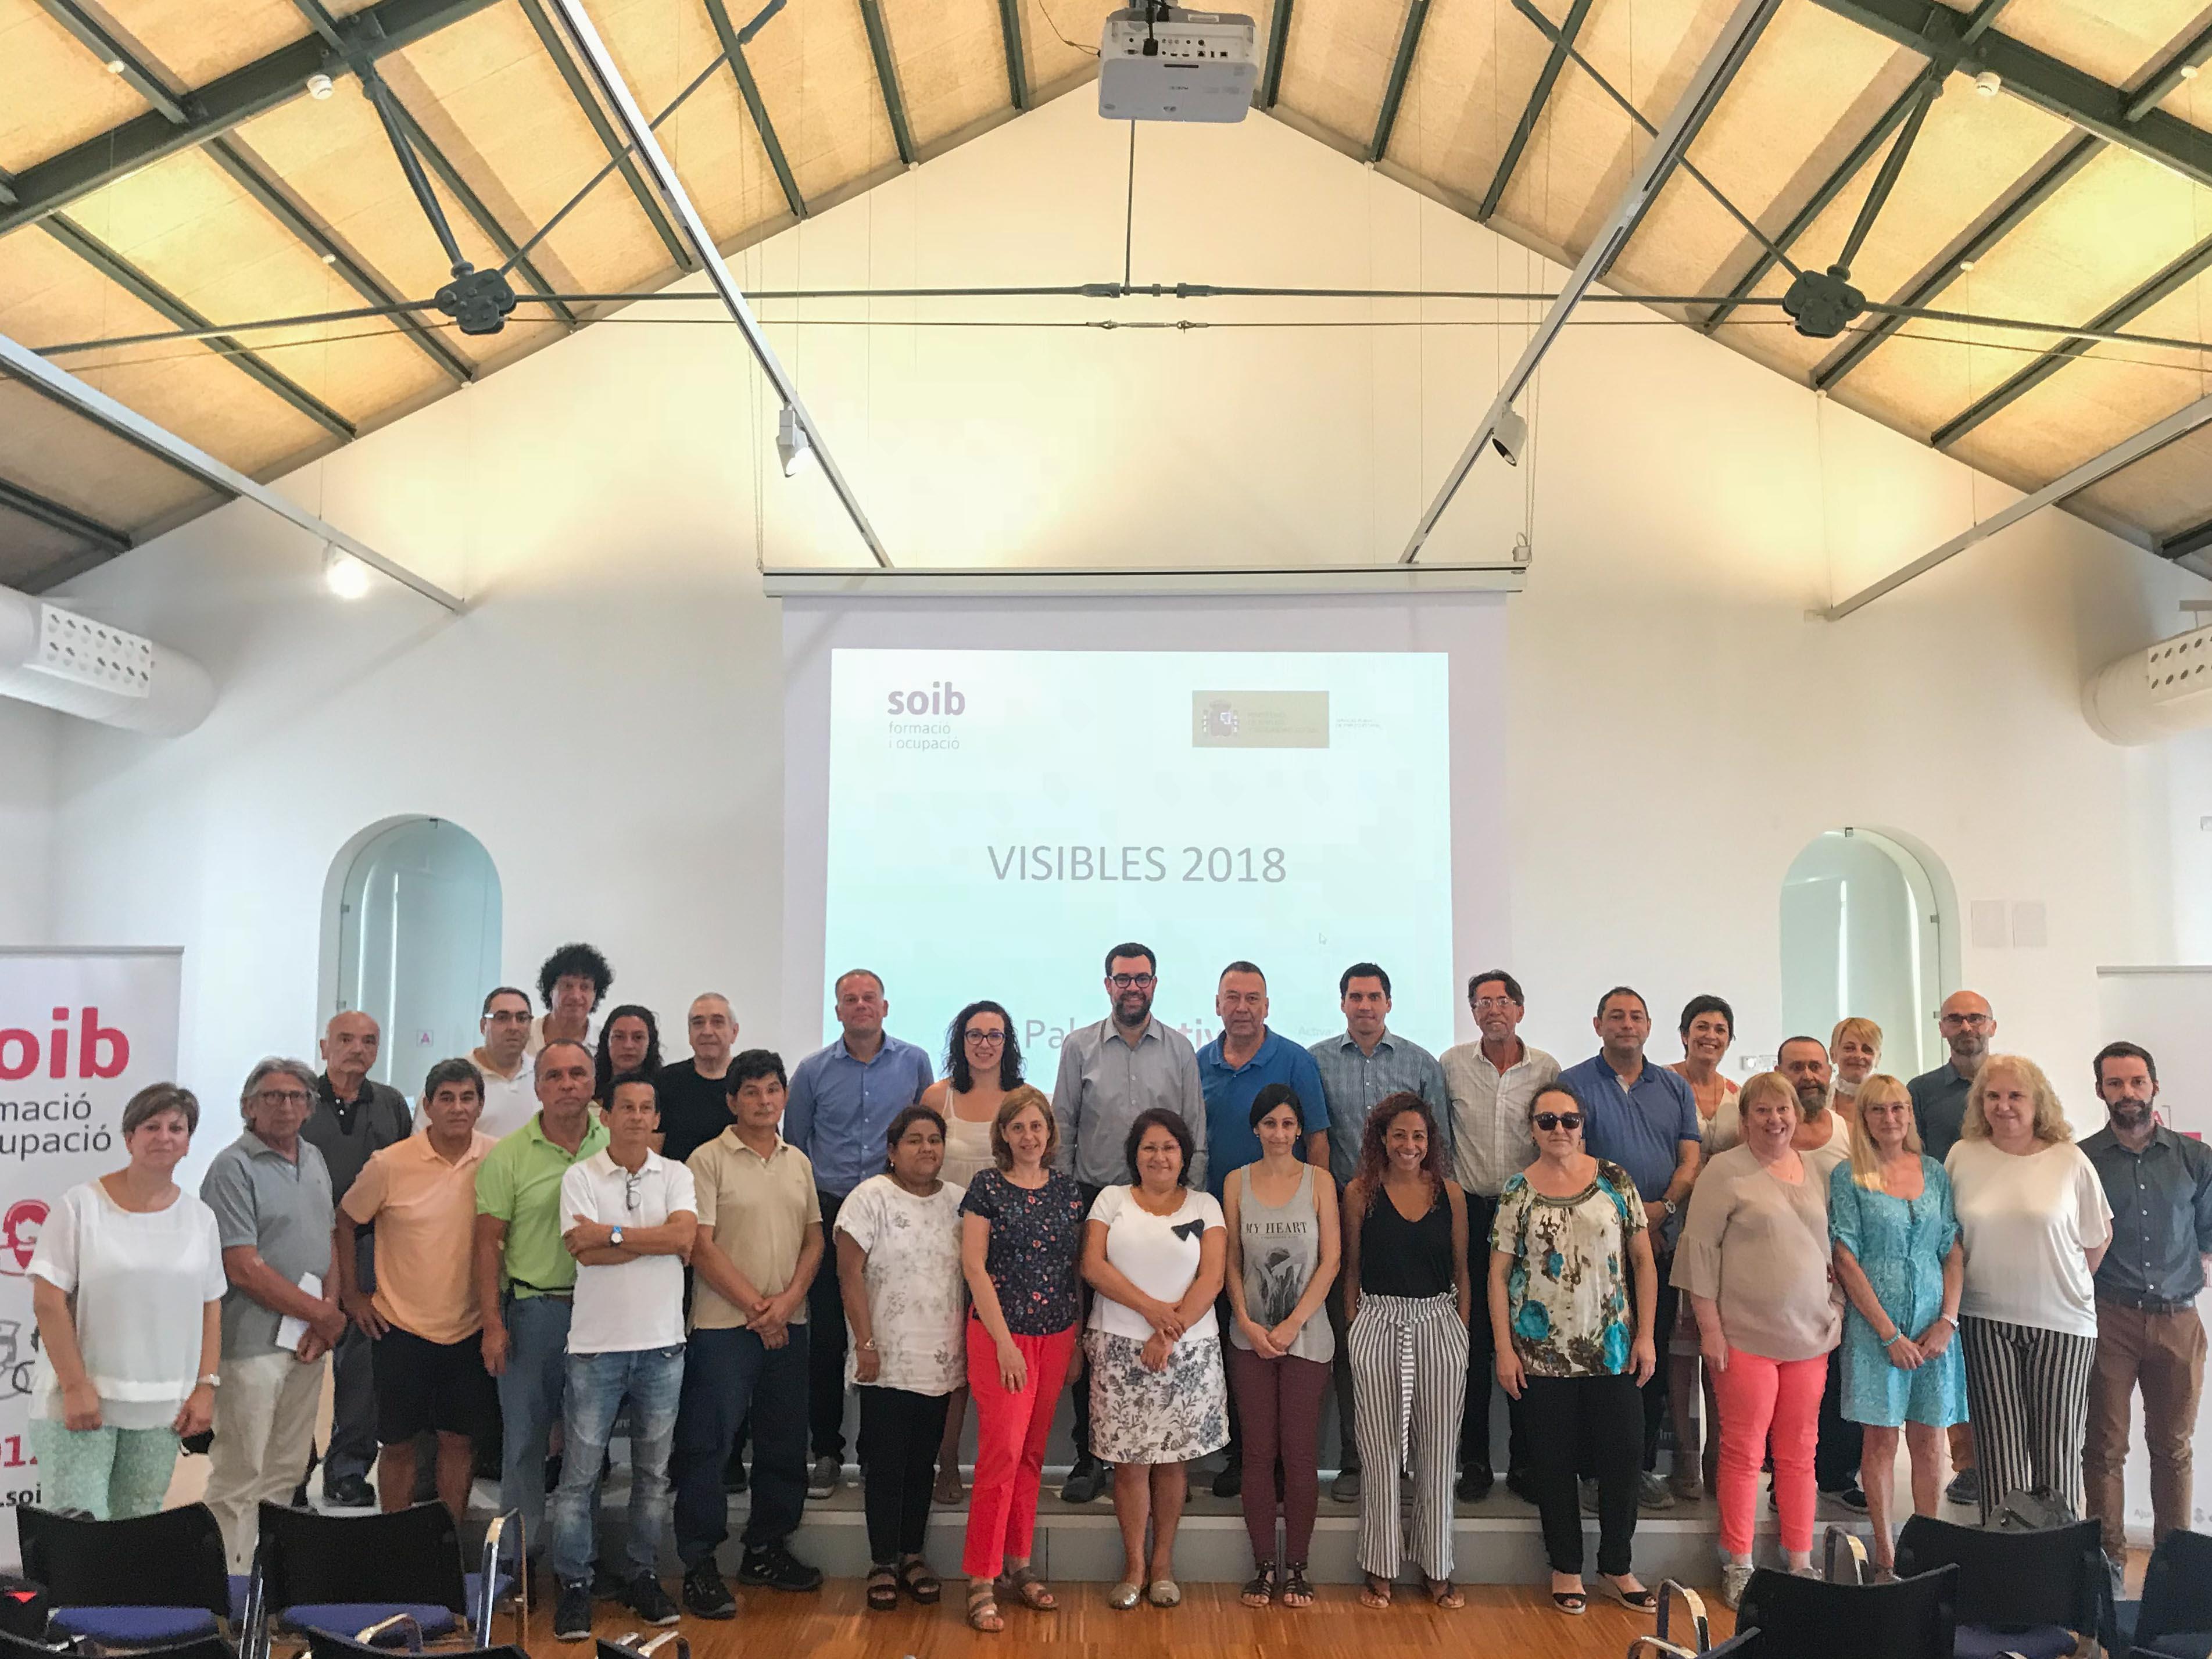 PalmaActiva contracta 73 persones mitjançant el programa SOIB Visibles 2018